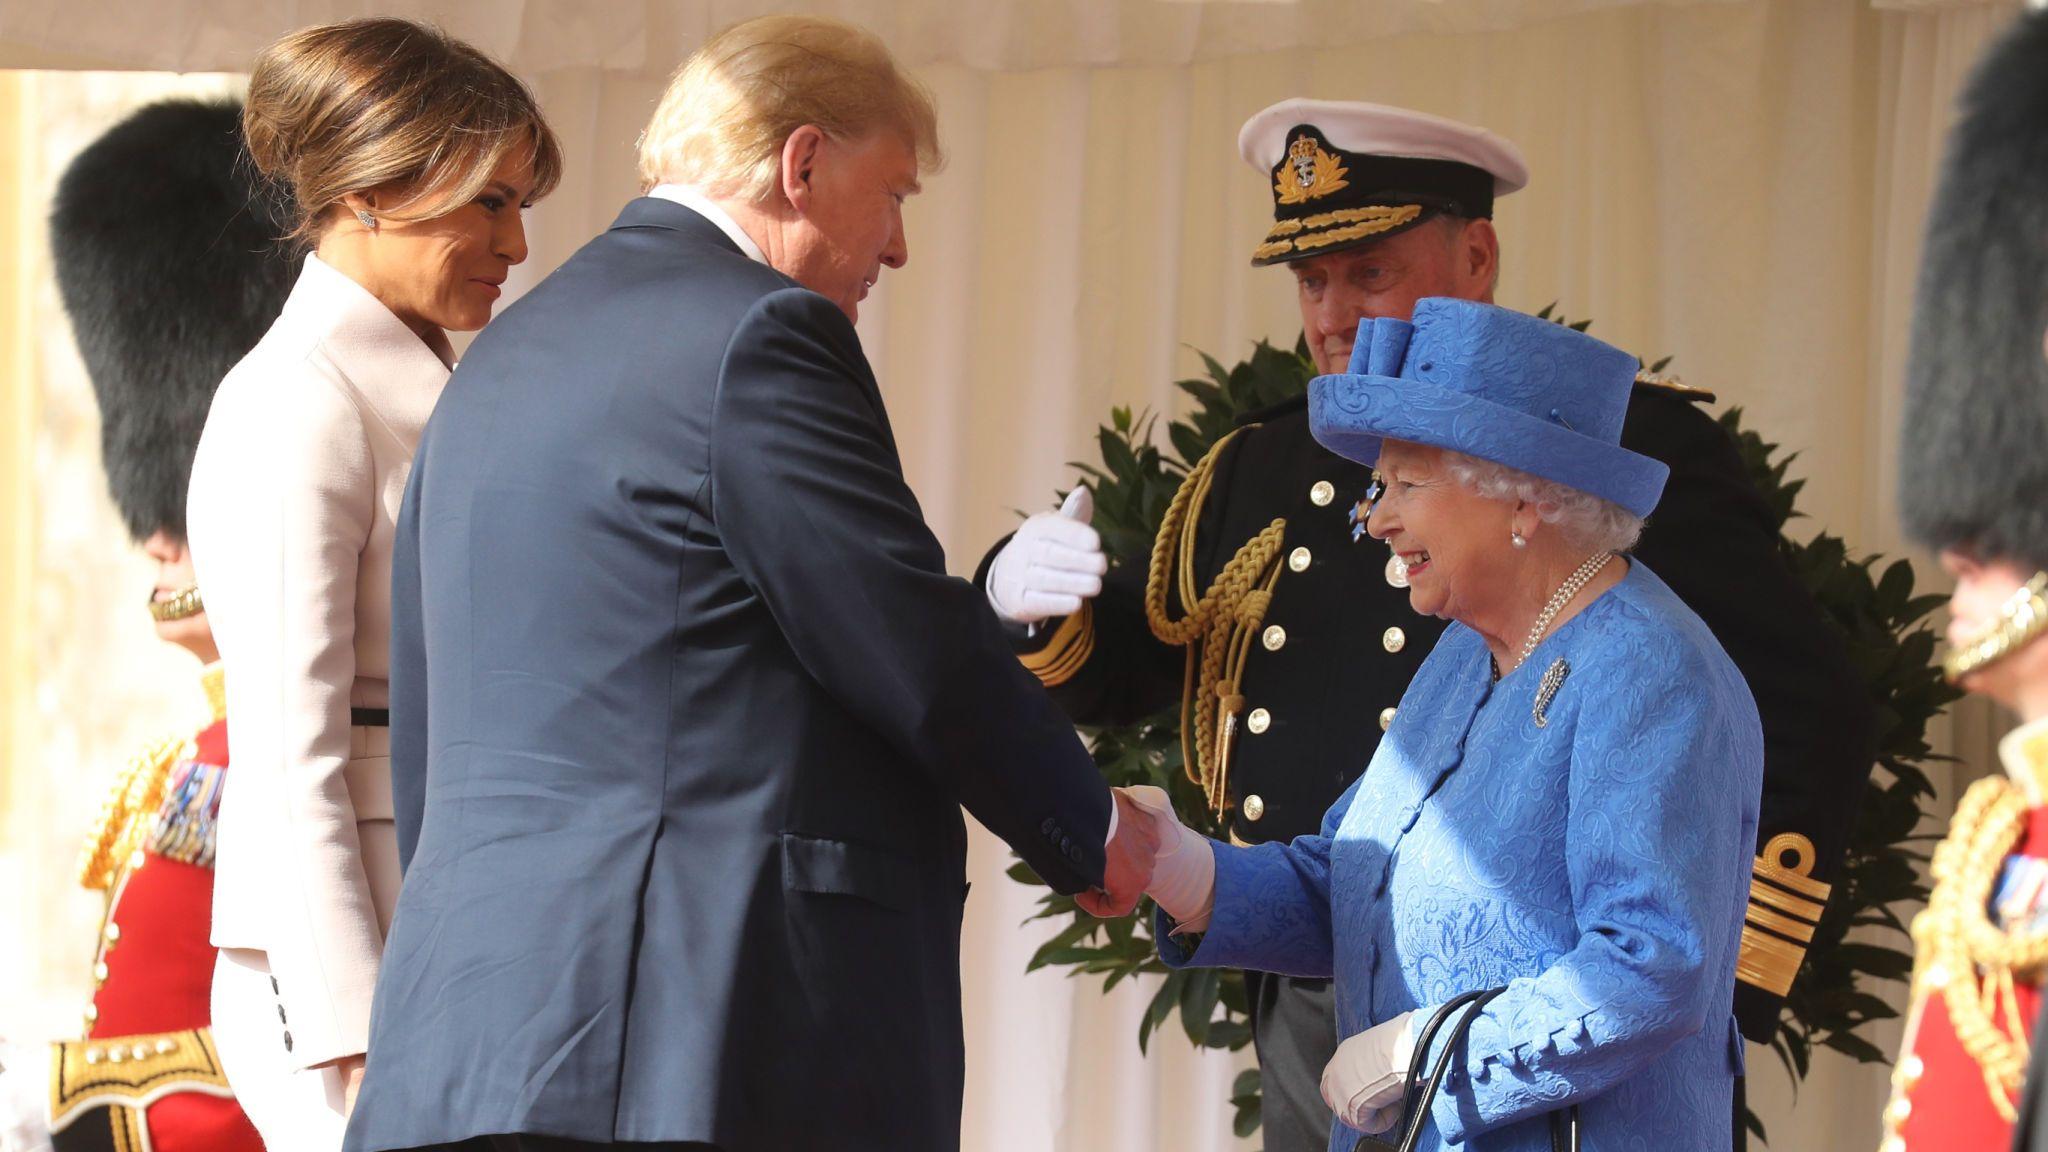 amerika serikat sebut brexit baik untuk inggris